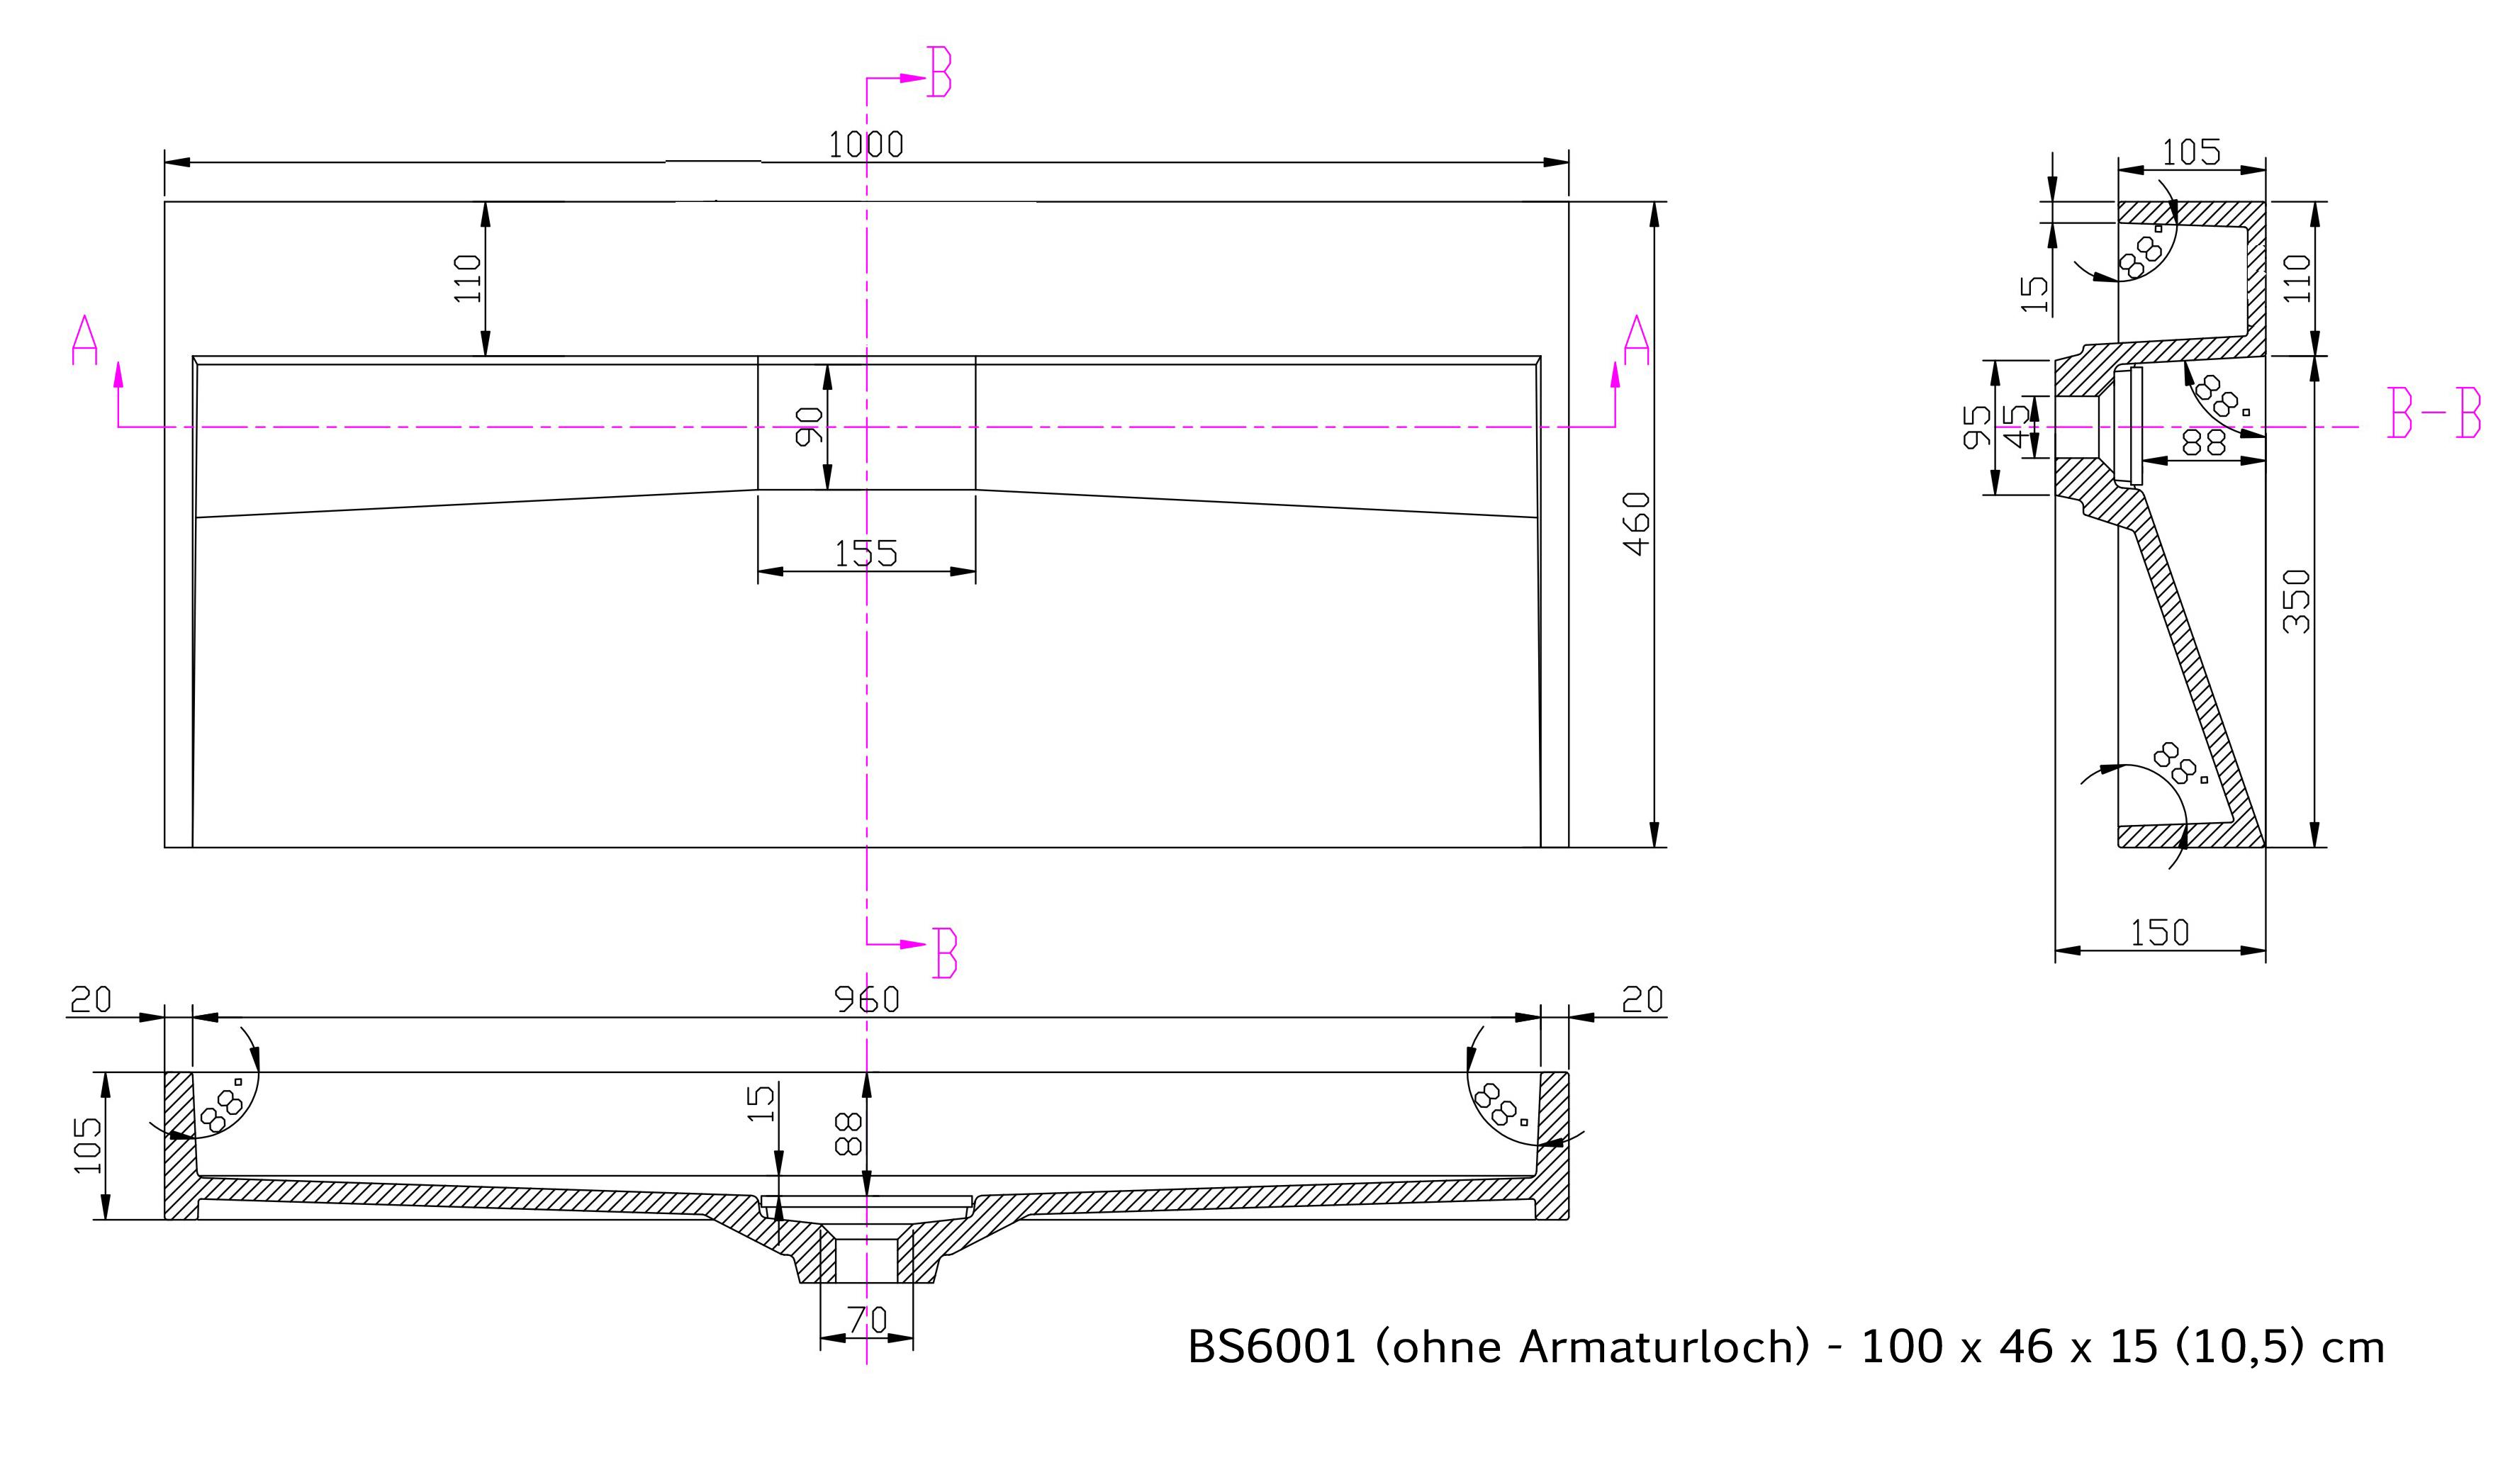 BS6001 - Breite 100cm - ohne Armaturloch